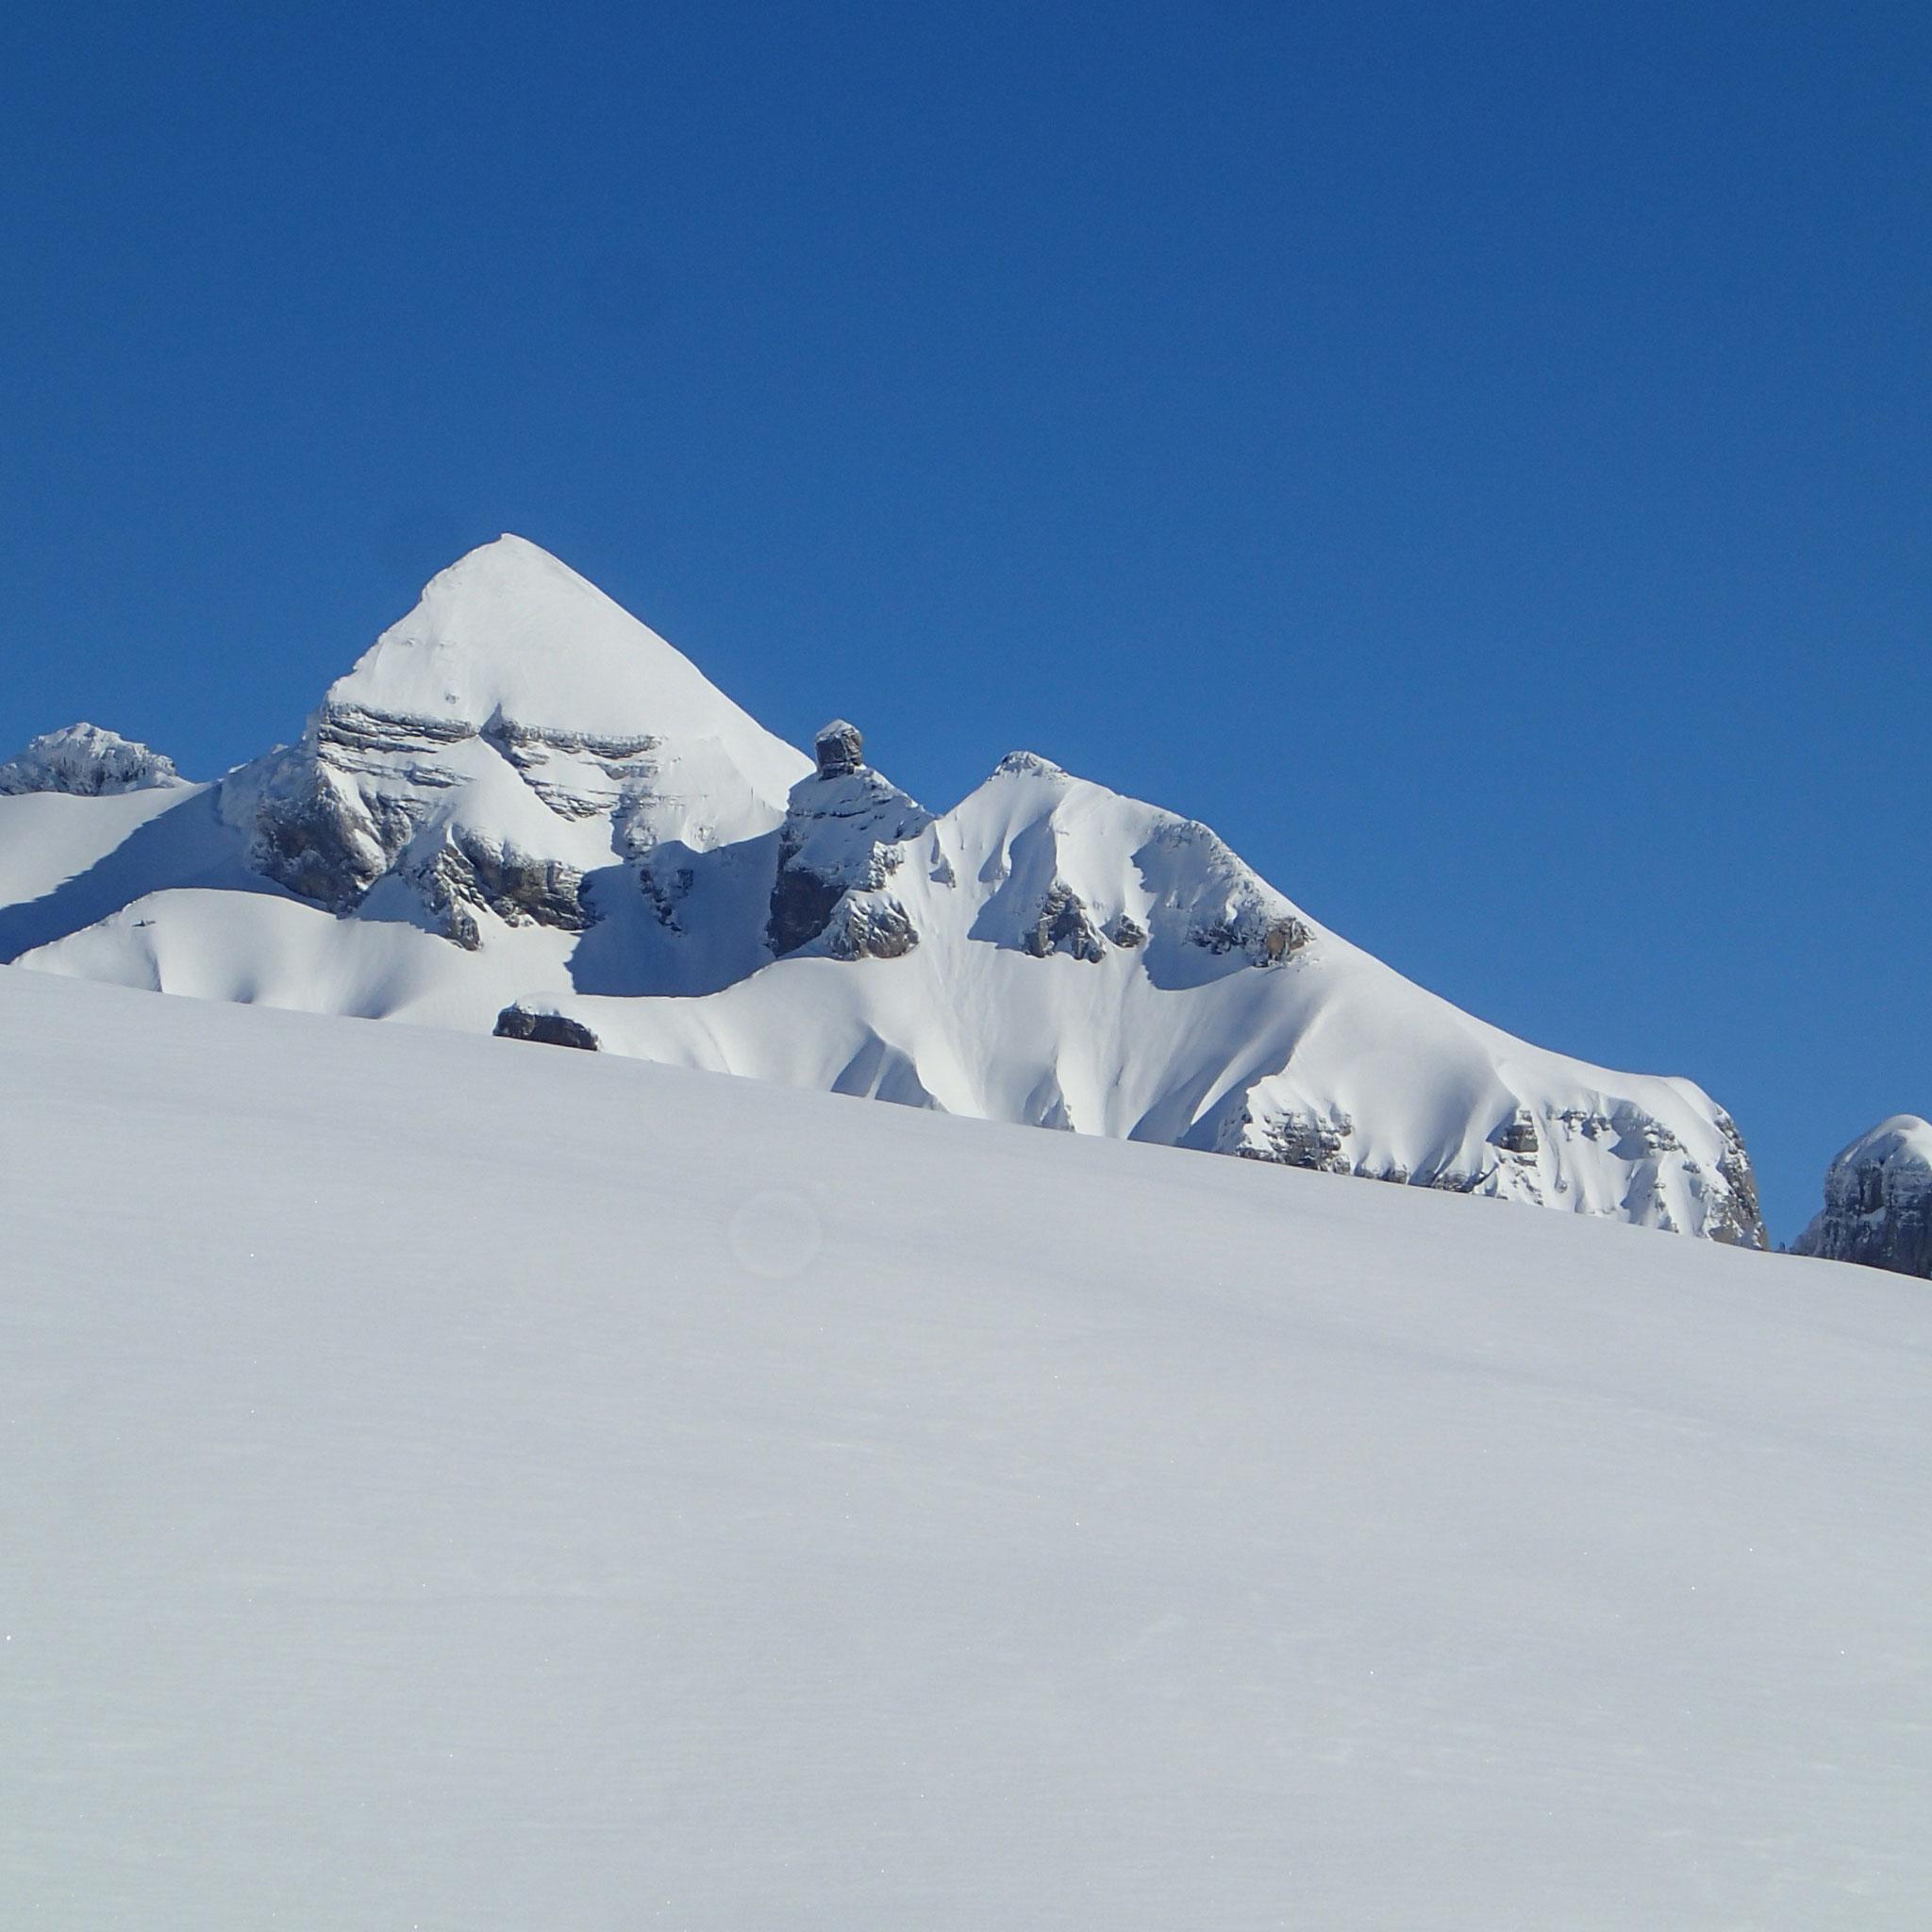 Près du sommet , une montagne magique apparaît : Le Tenneverge